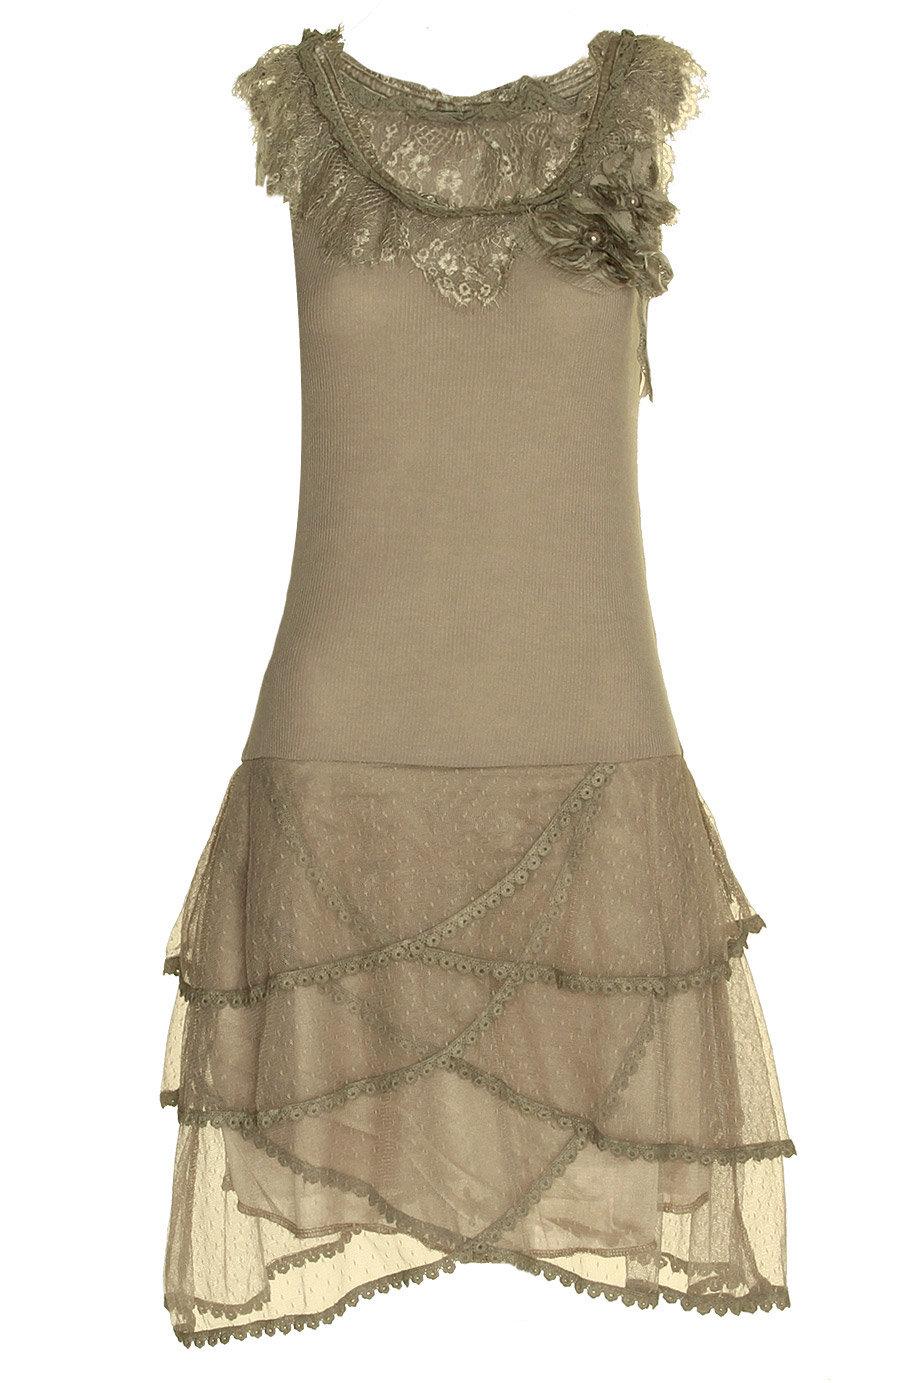 M s rebajas vestidos desde 12 en el armario de la tele blog de moda y belleza fashion and - El armario de la tele vestidos de fiesta ...